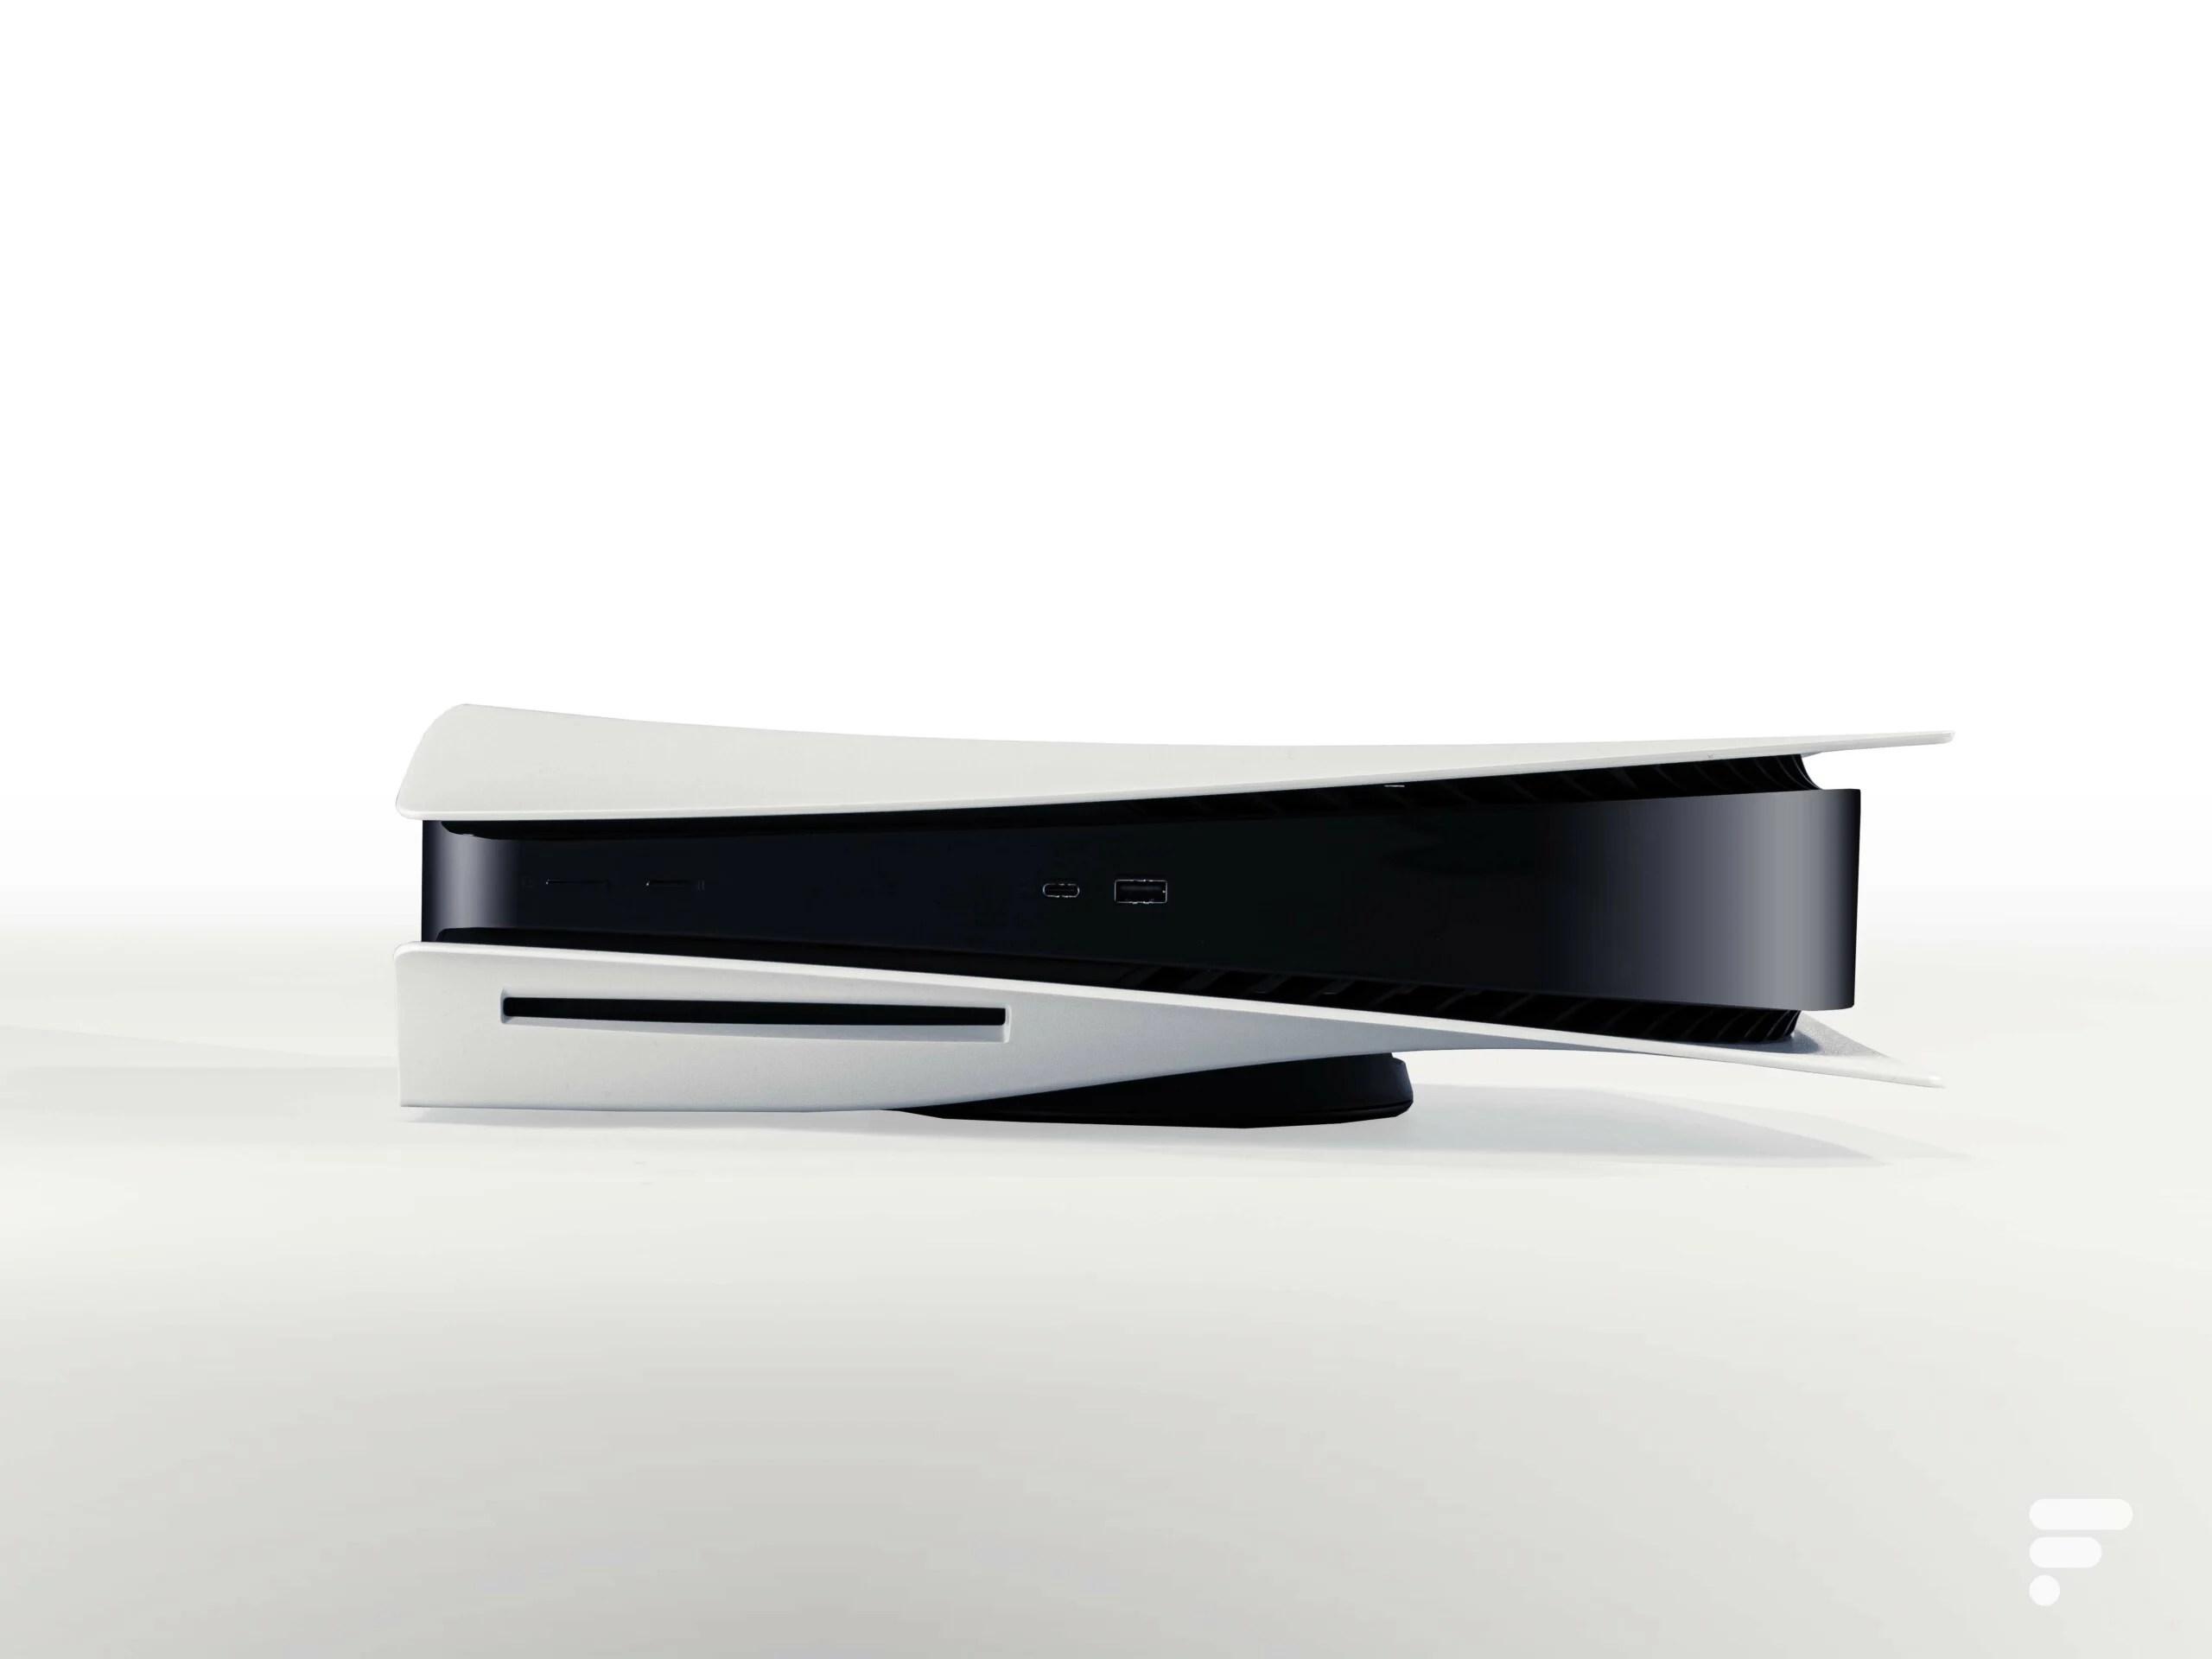 PS5: contre le Game Pass, Sony renforcerait son PS+ avec des films et séries